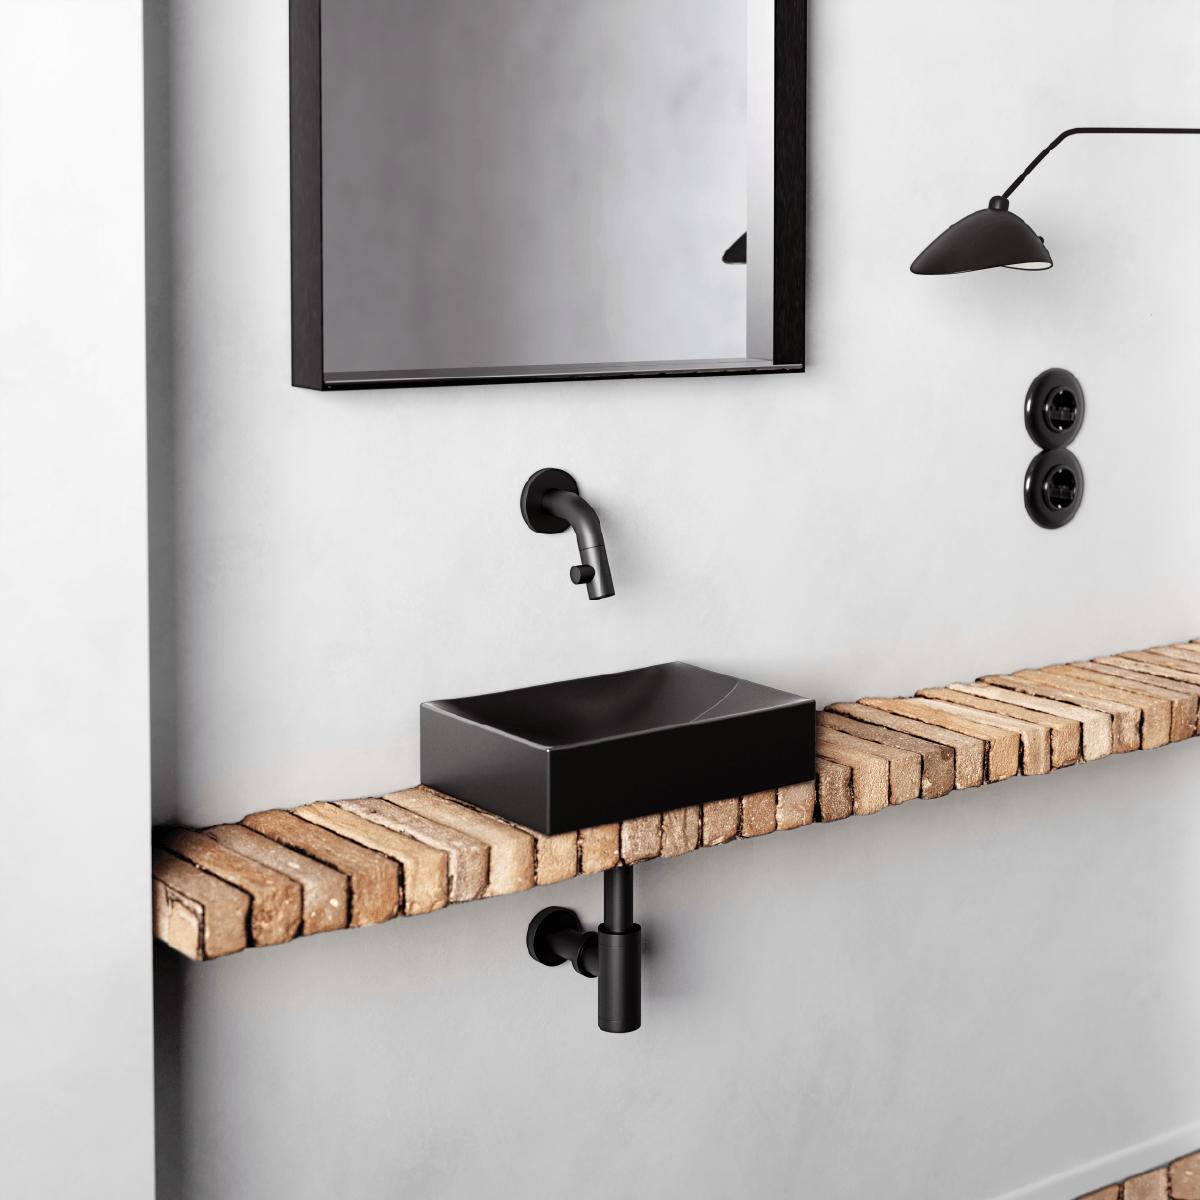 mijn-bad-in-stijl-blog-voor-iedere-woonstijl-een-badkamer-industrieel-2